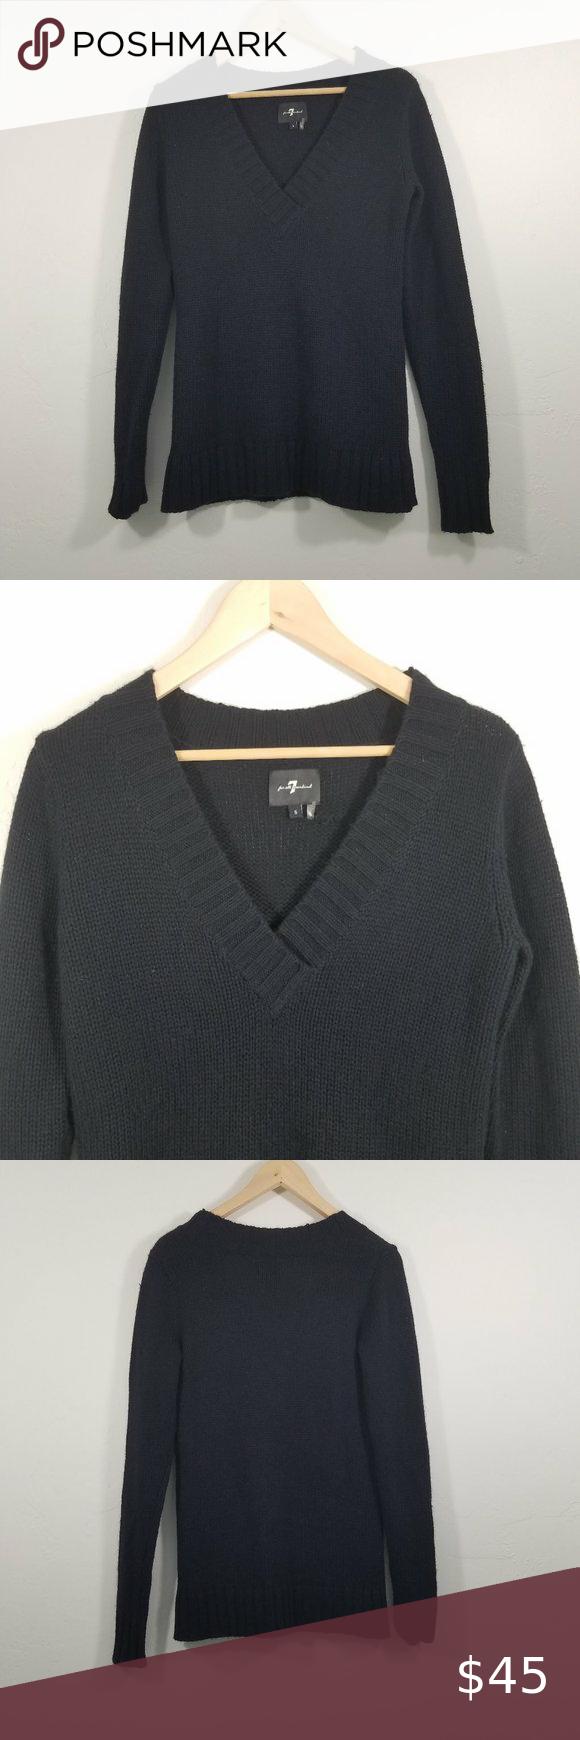 7 For All Mankind V-Neck Sweater Size S 7 For All Mankind V-Neck Sweater Size S C100928 7 For All Mankind Sweaters V-Necks